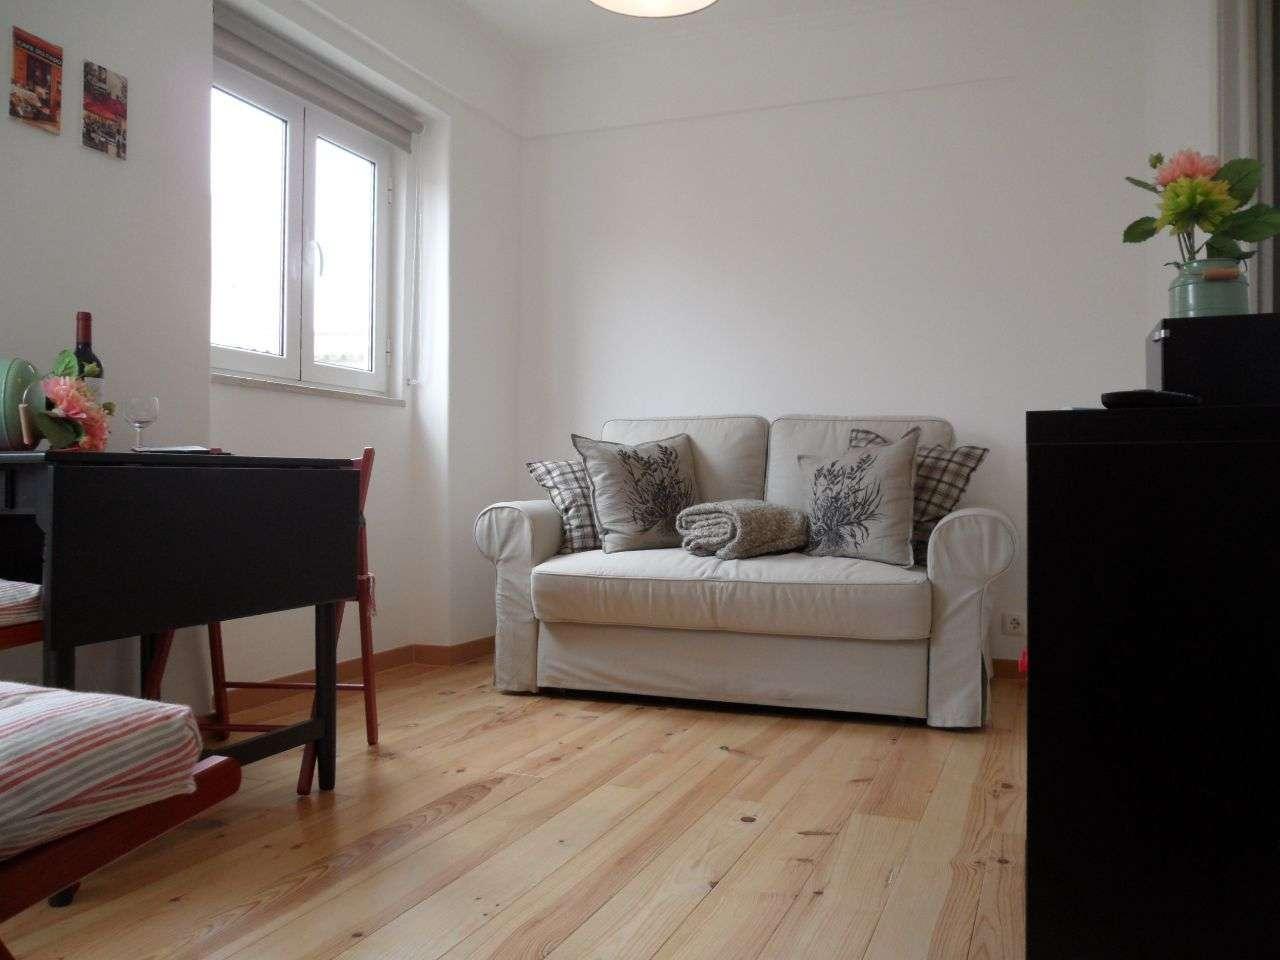 Apartamento para arrendar, Beco Mil Patacas, Santa Maria Maior - Foto 4